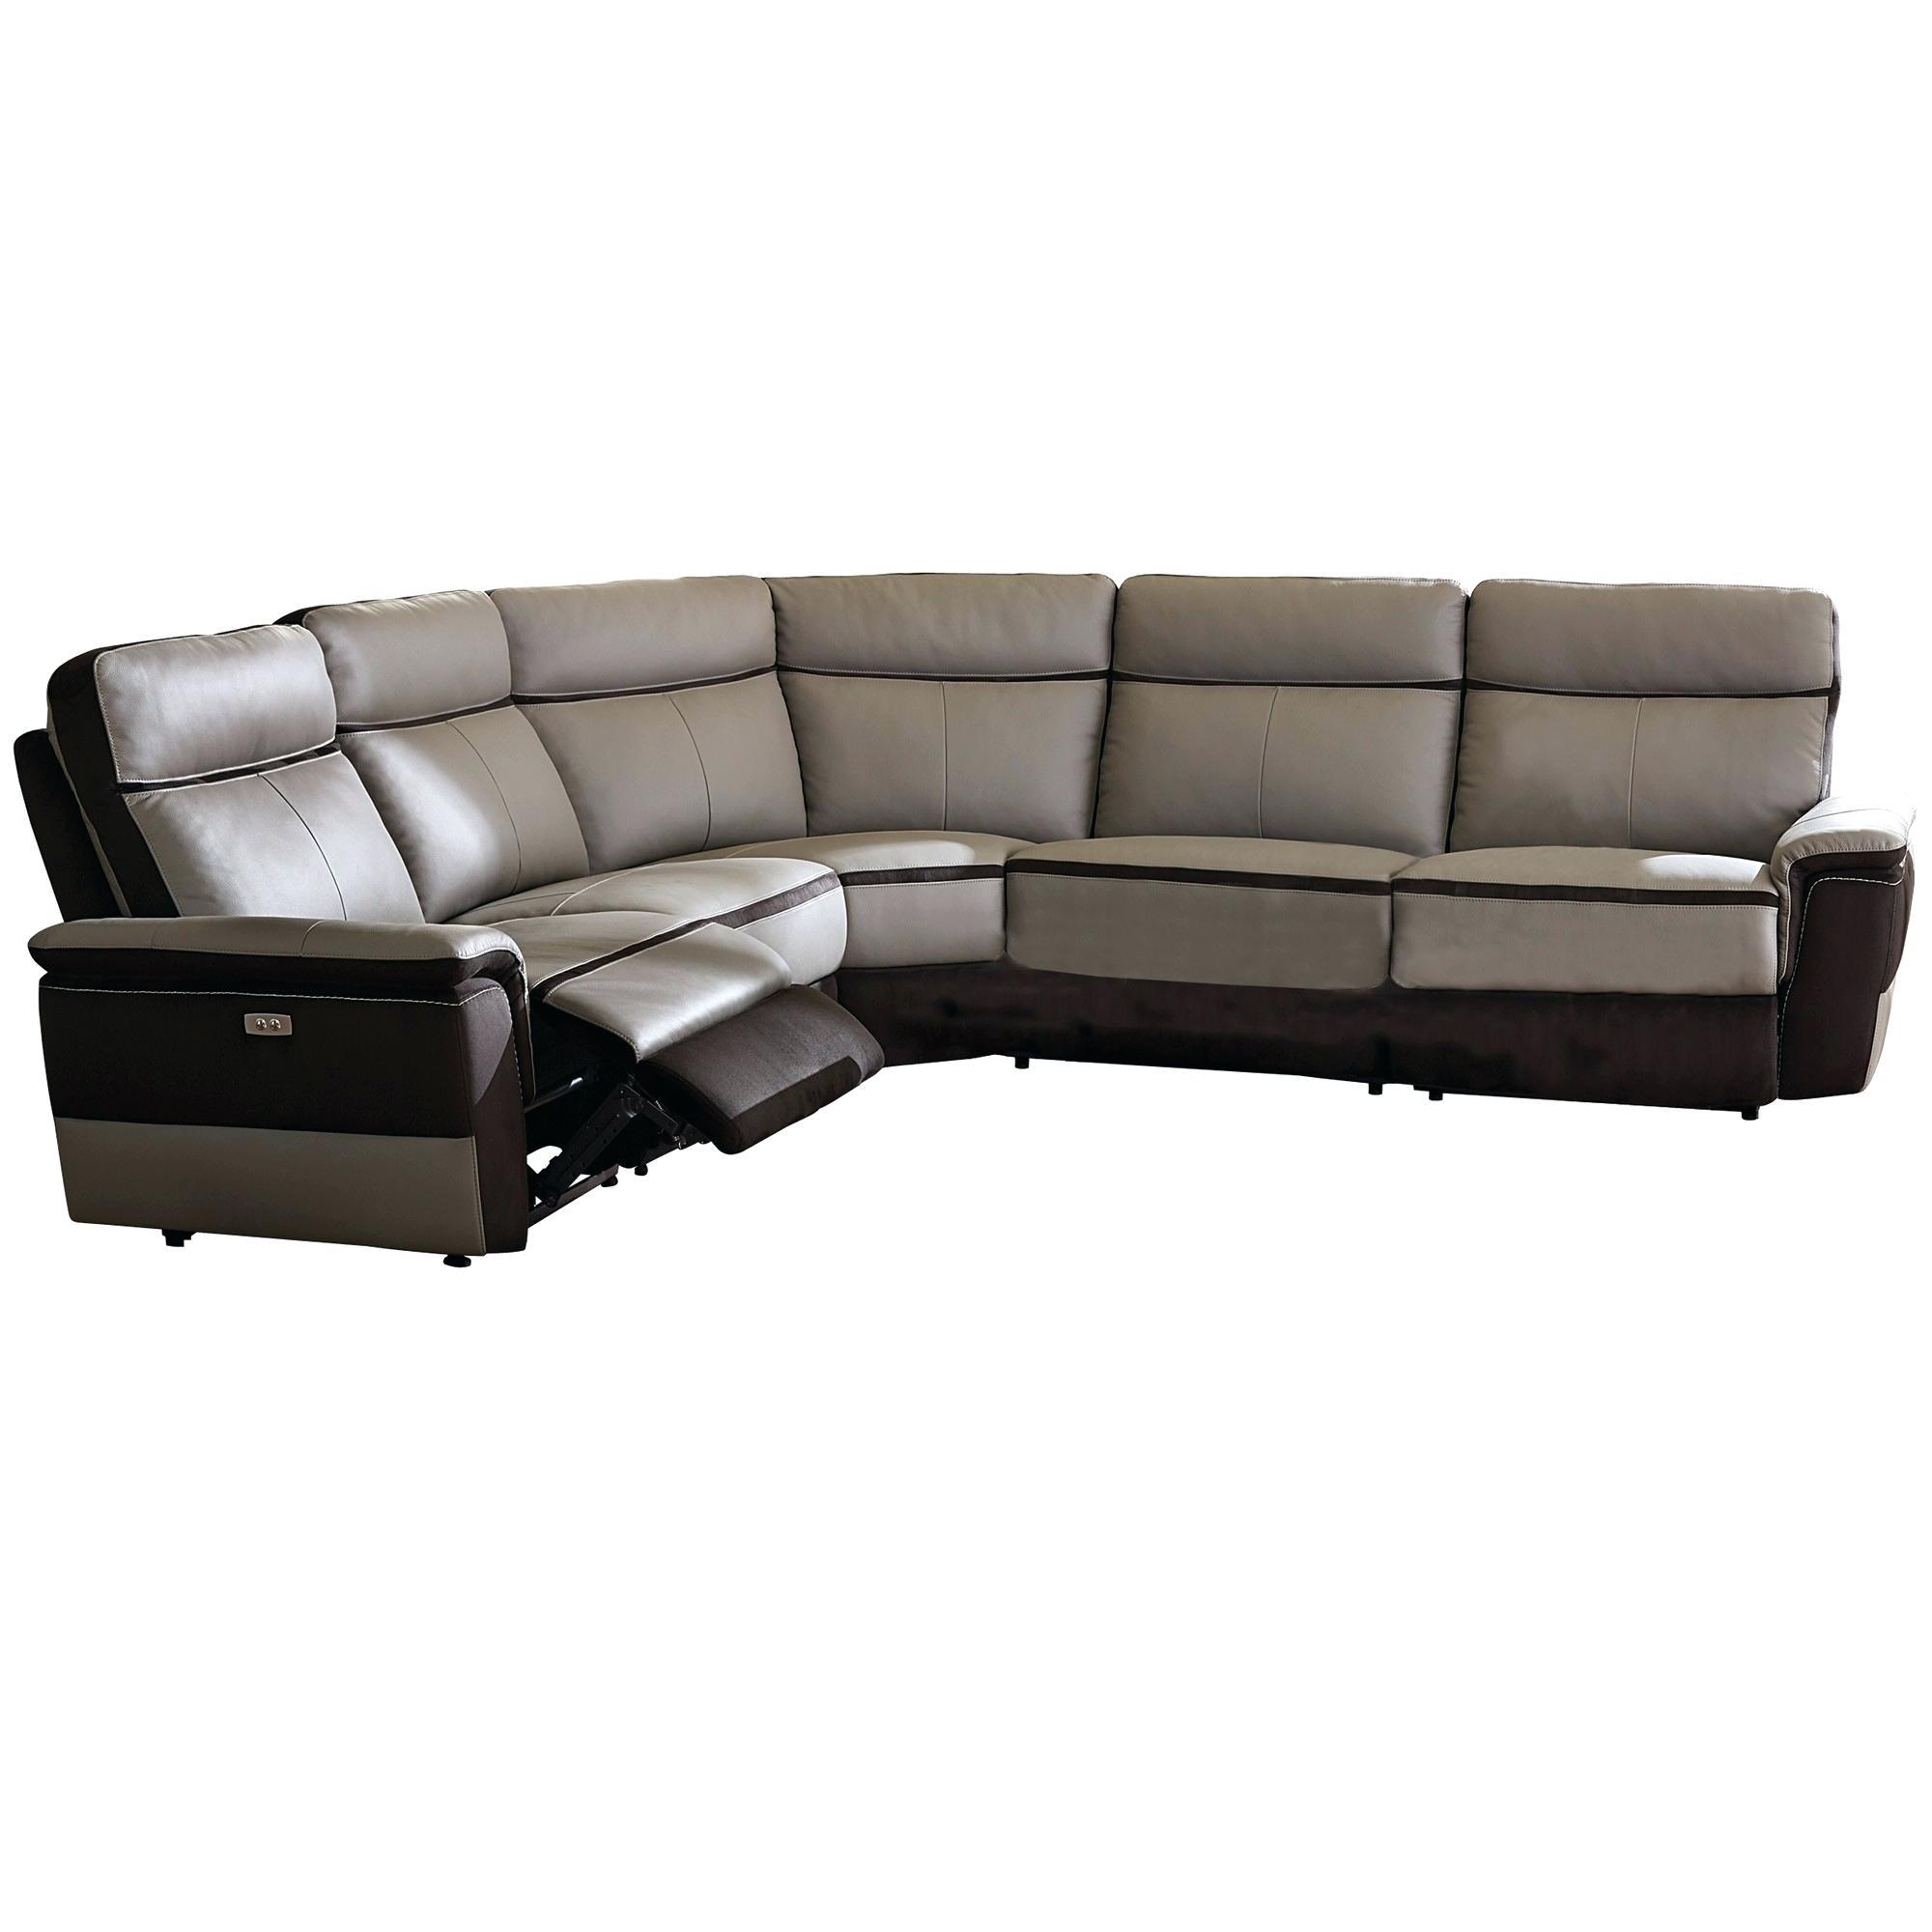 Craigslist Sofa Bed Vancouver Sectional For Sale Nj Kandpinfo Sofa Bed Craigslist L 0Fb9472Dec447Ef5 Within Vancouver Sectional Sofas (View 9 of 10)